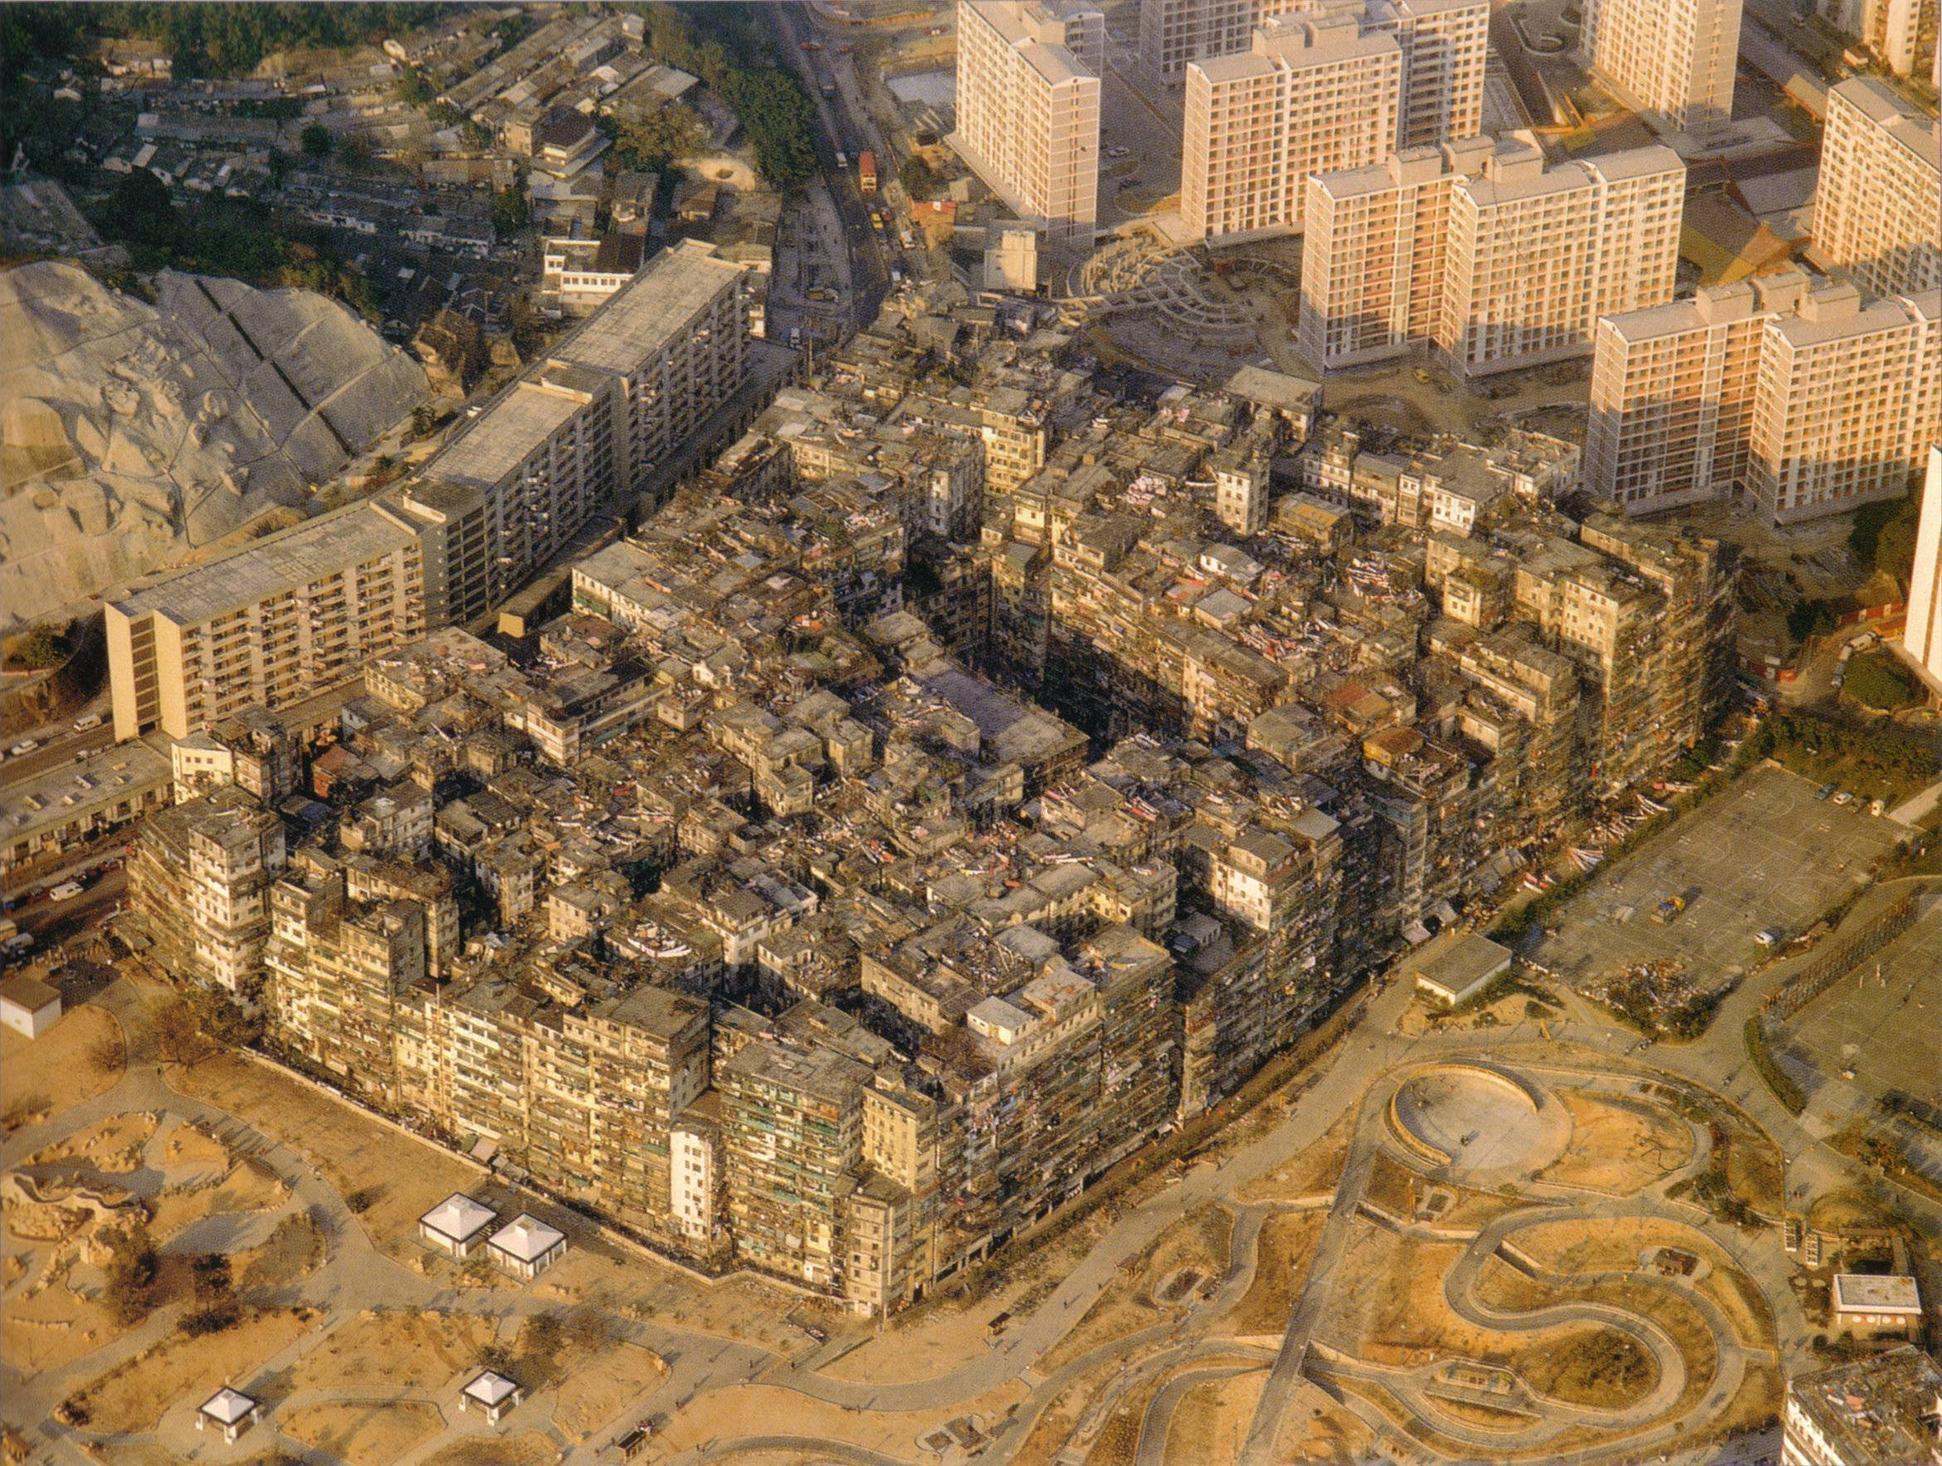 KWC_-_1989_Aerial.jpg